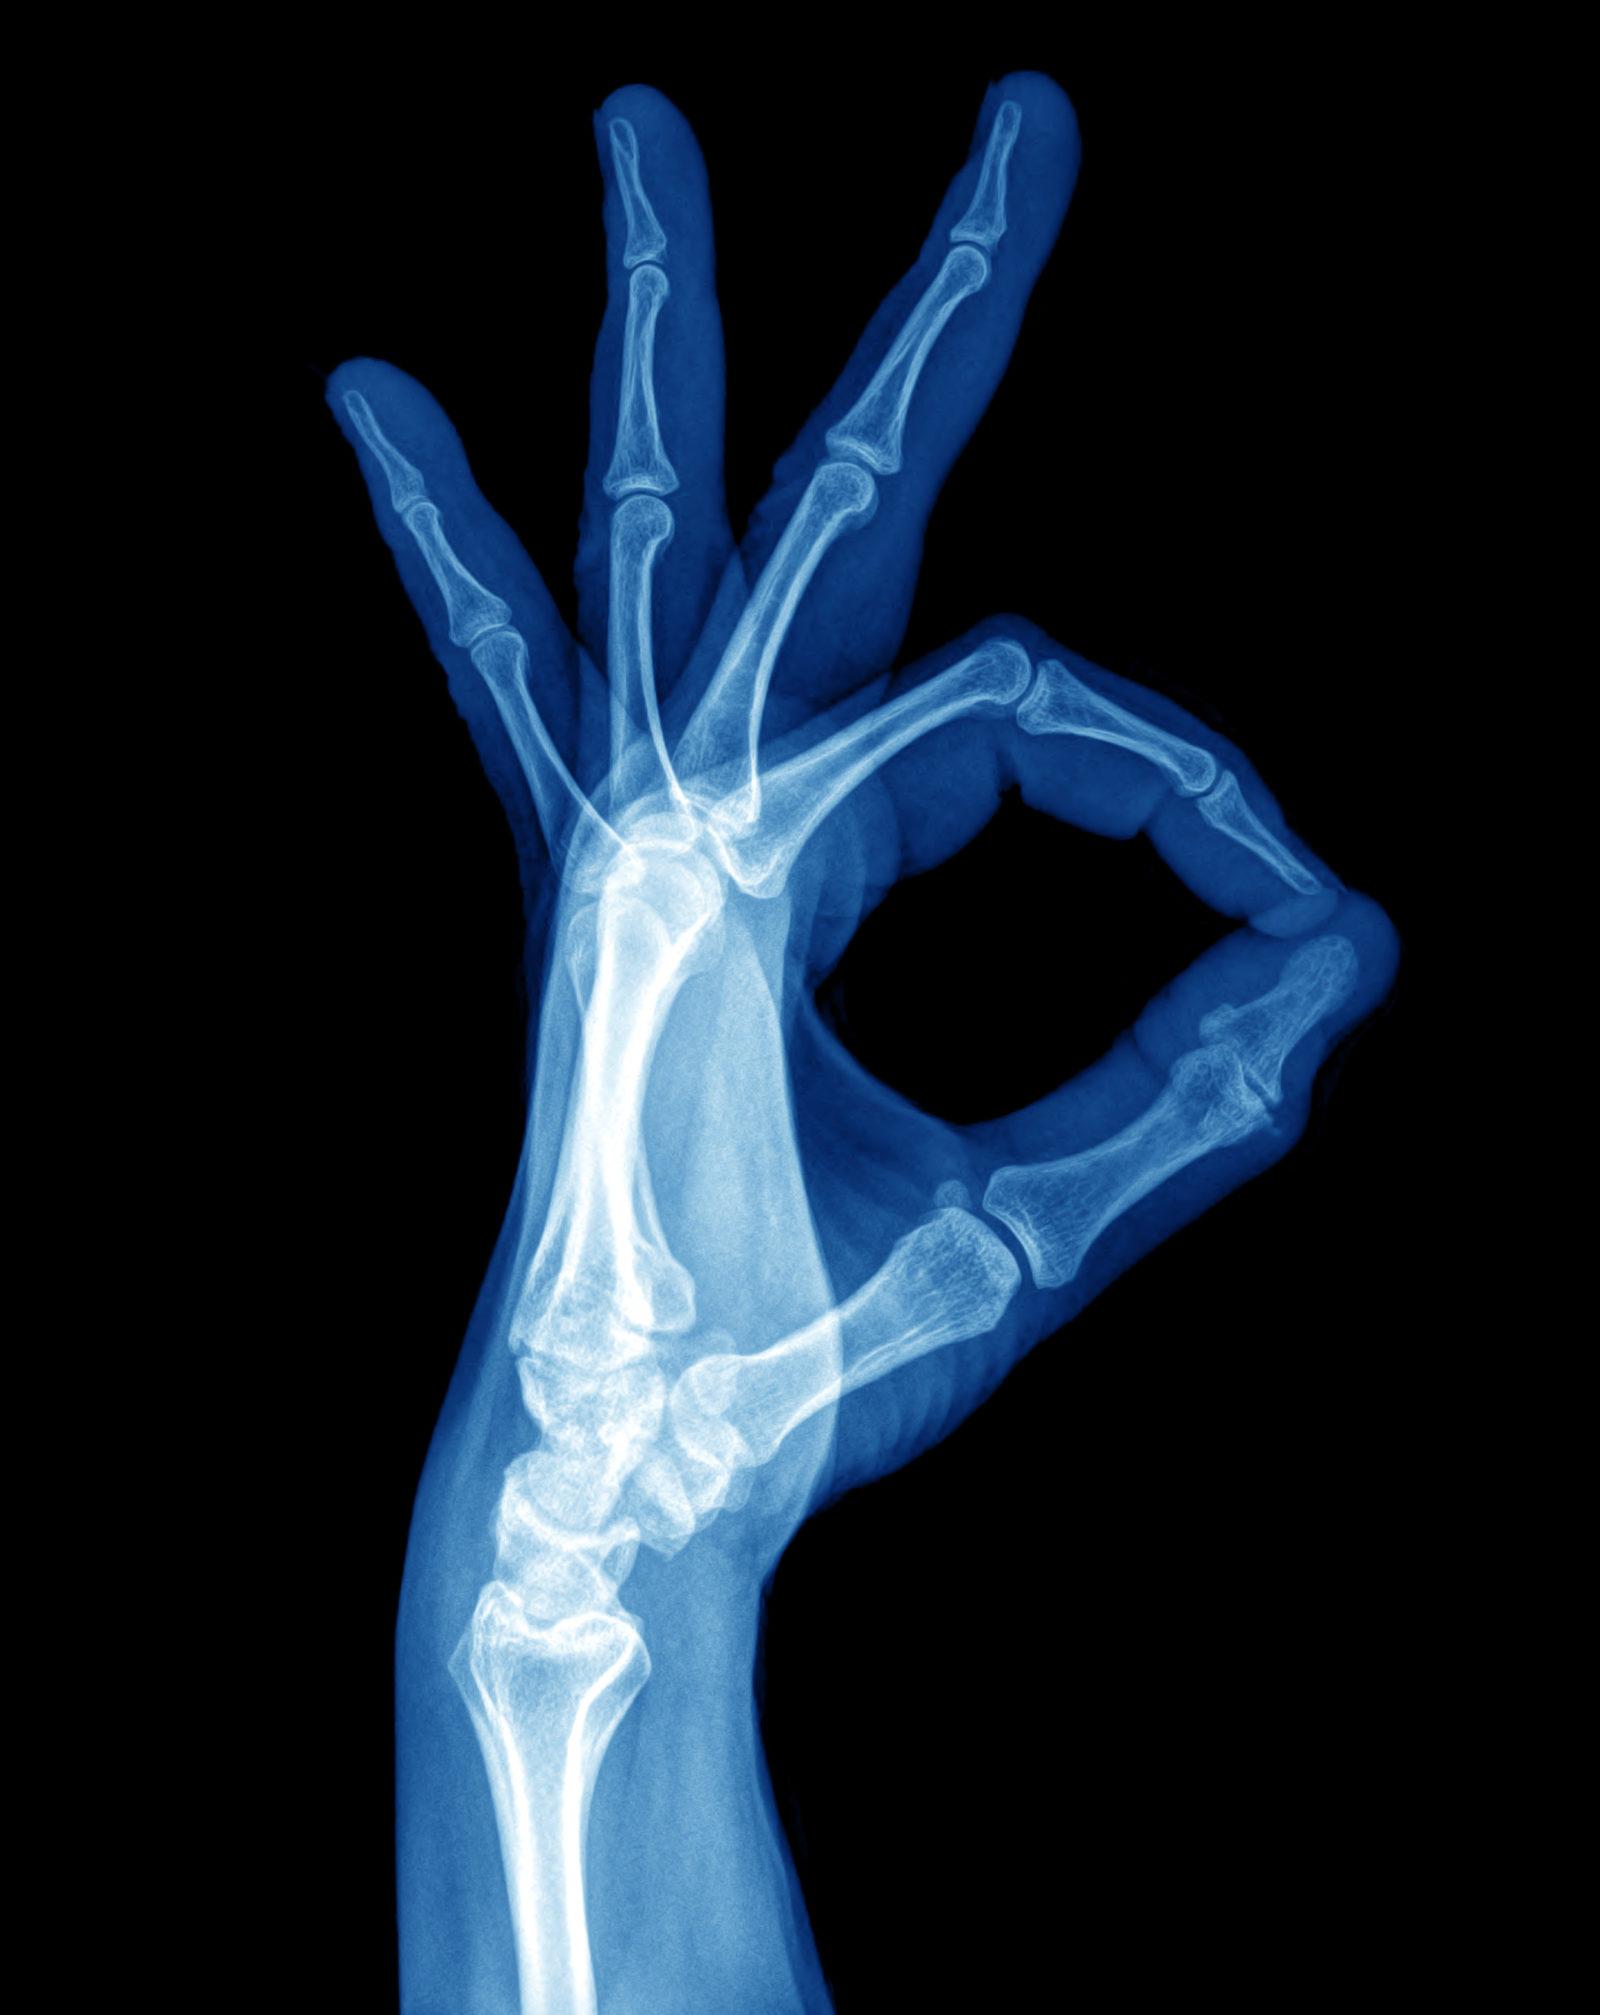 X-Ray image of hand human